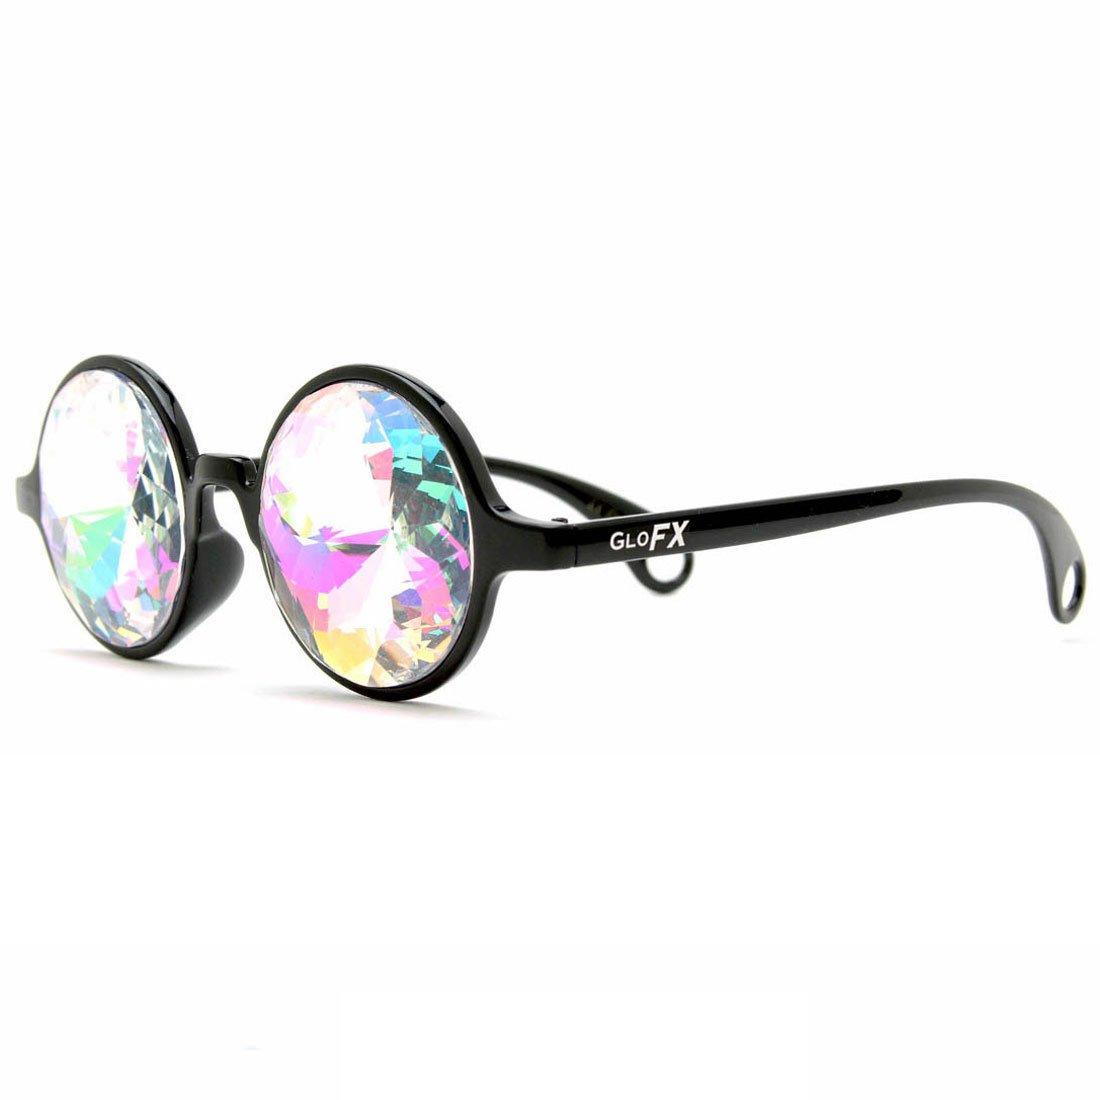 GloFX Noir Kaléidoscope Lunettes-Arc-En-Ciel Costume De Rave  Amazon.fr   Vêtements et accessoires a0c30764a3c7